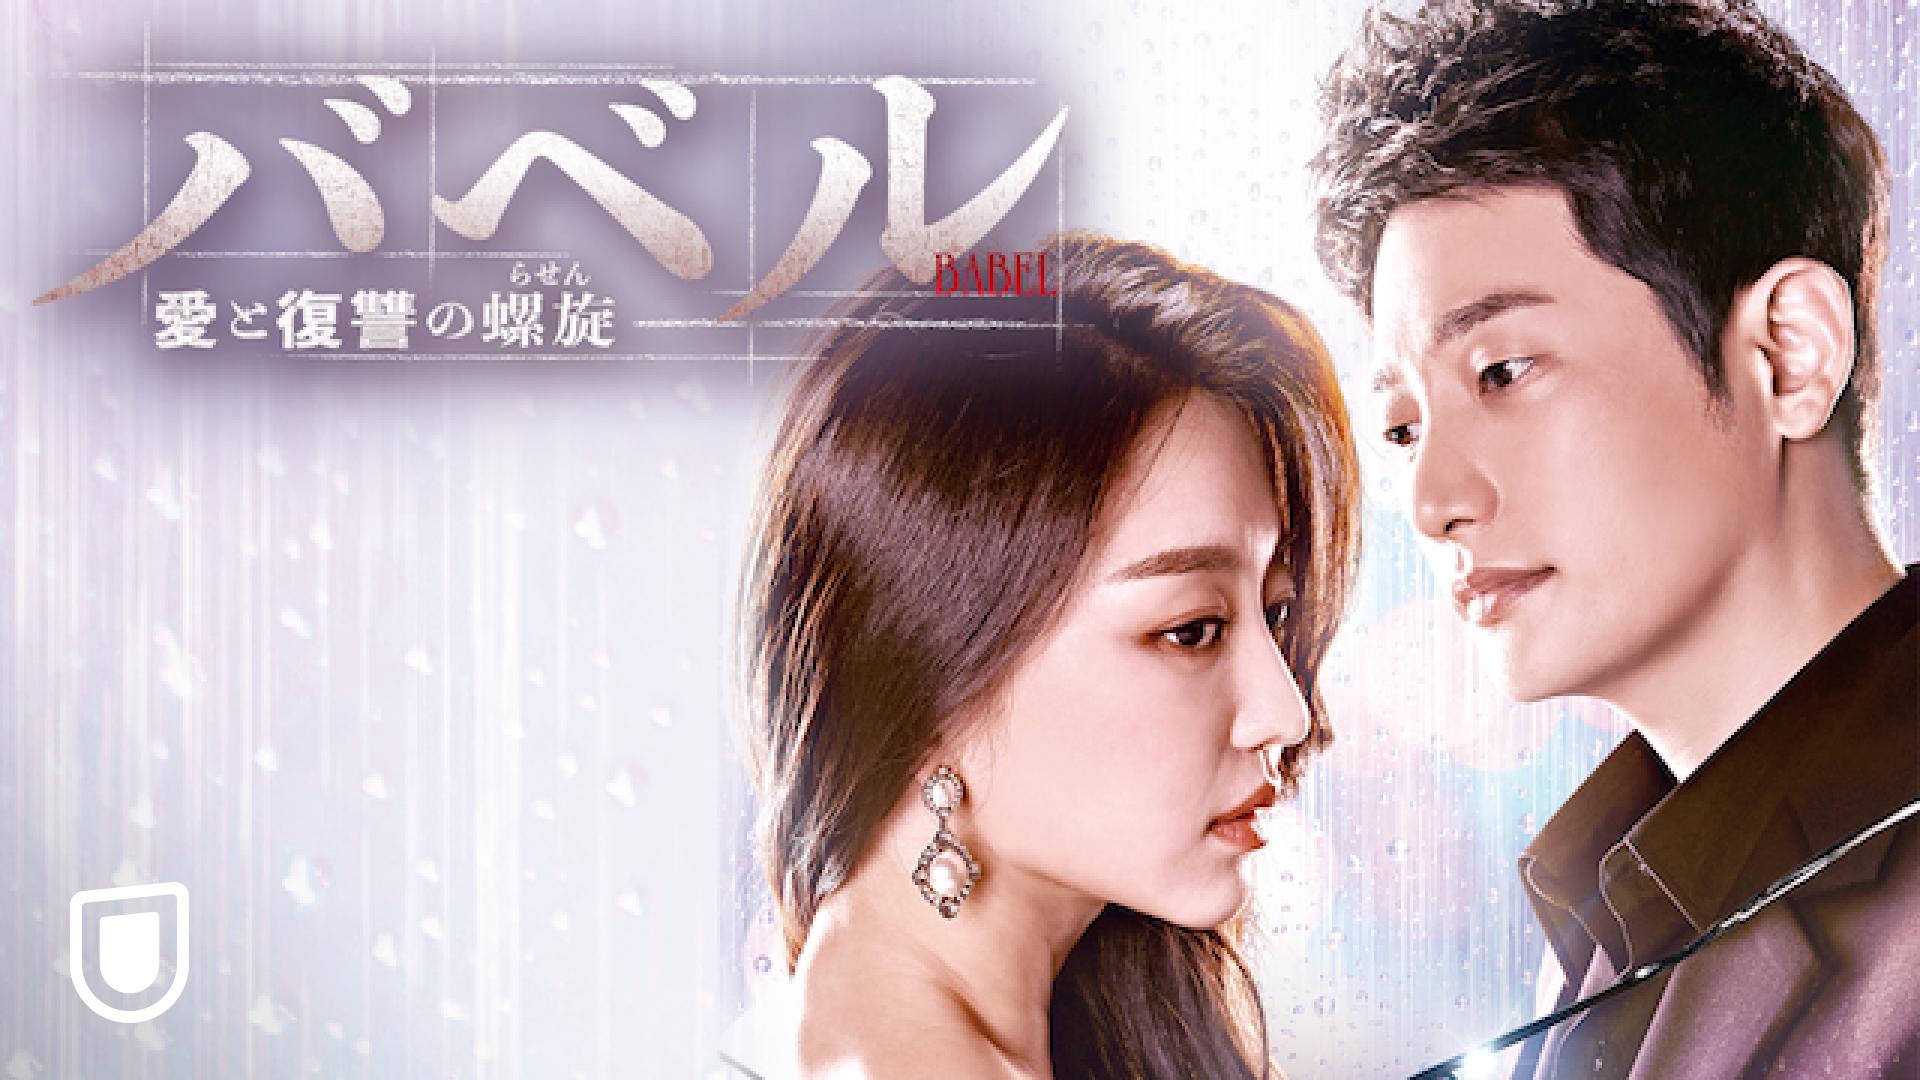 韓国ドラマ『バベル~愛と復讐の螺旋~』動画の無料視聴方法!日本語字幕を1話から最終回まで!あらすじと見どころ